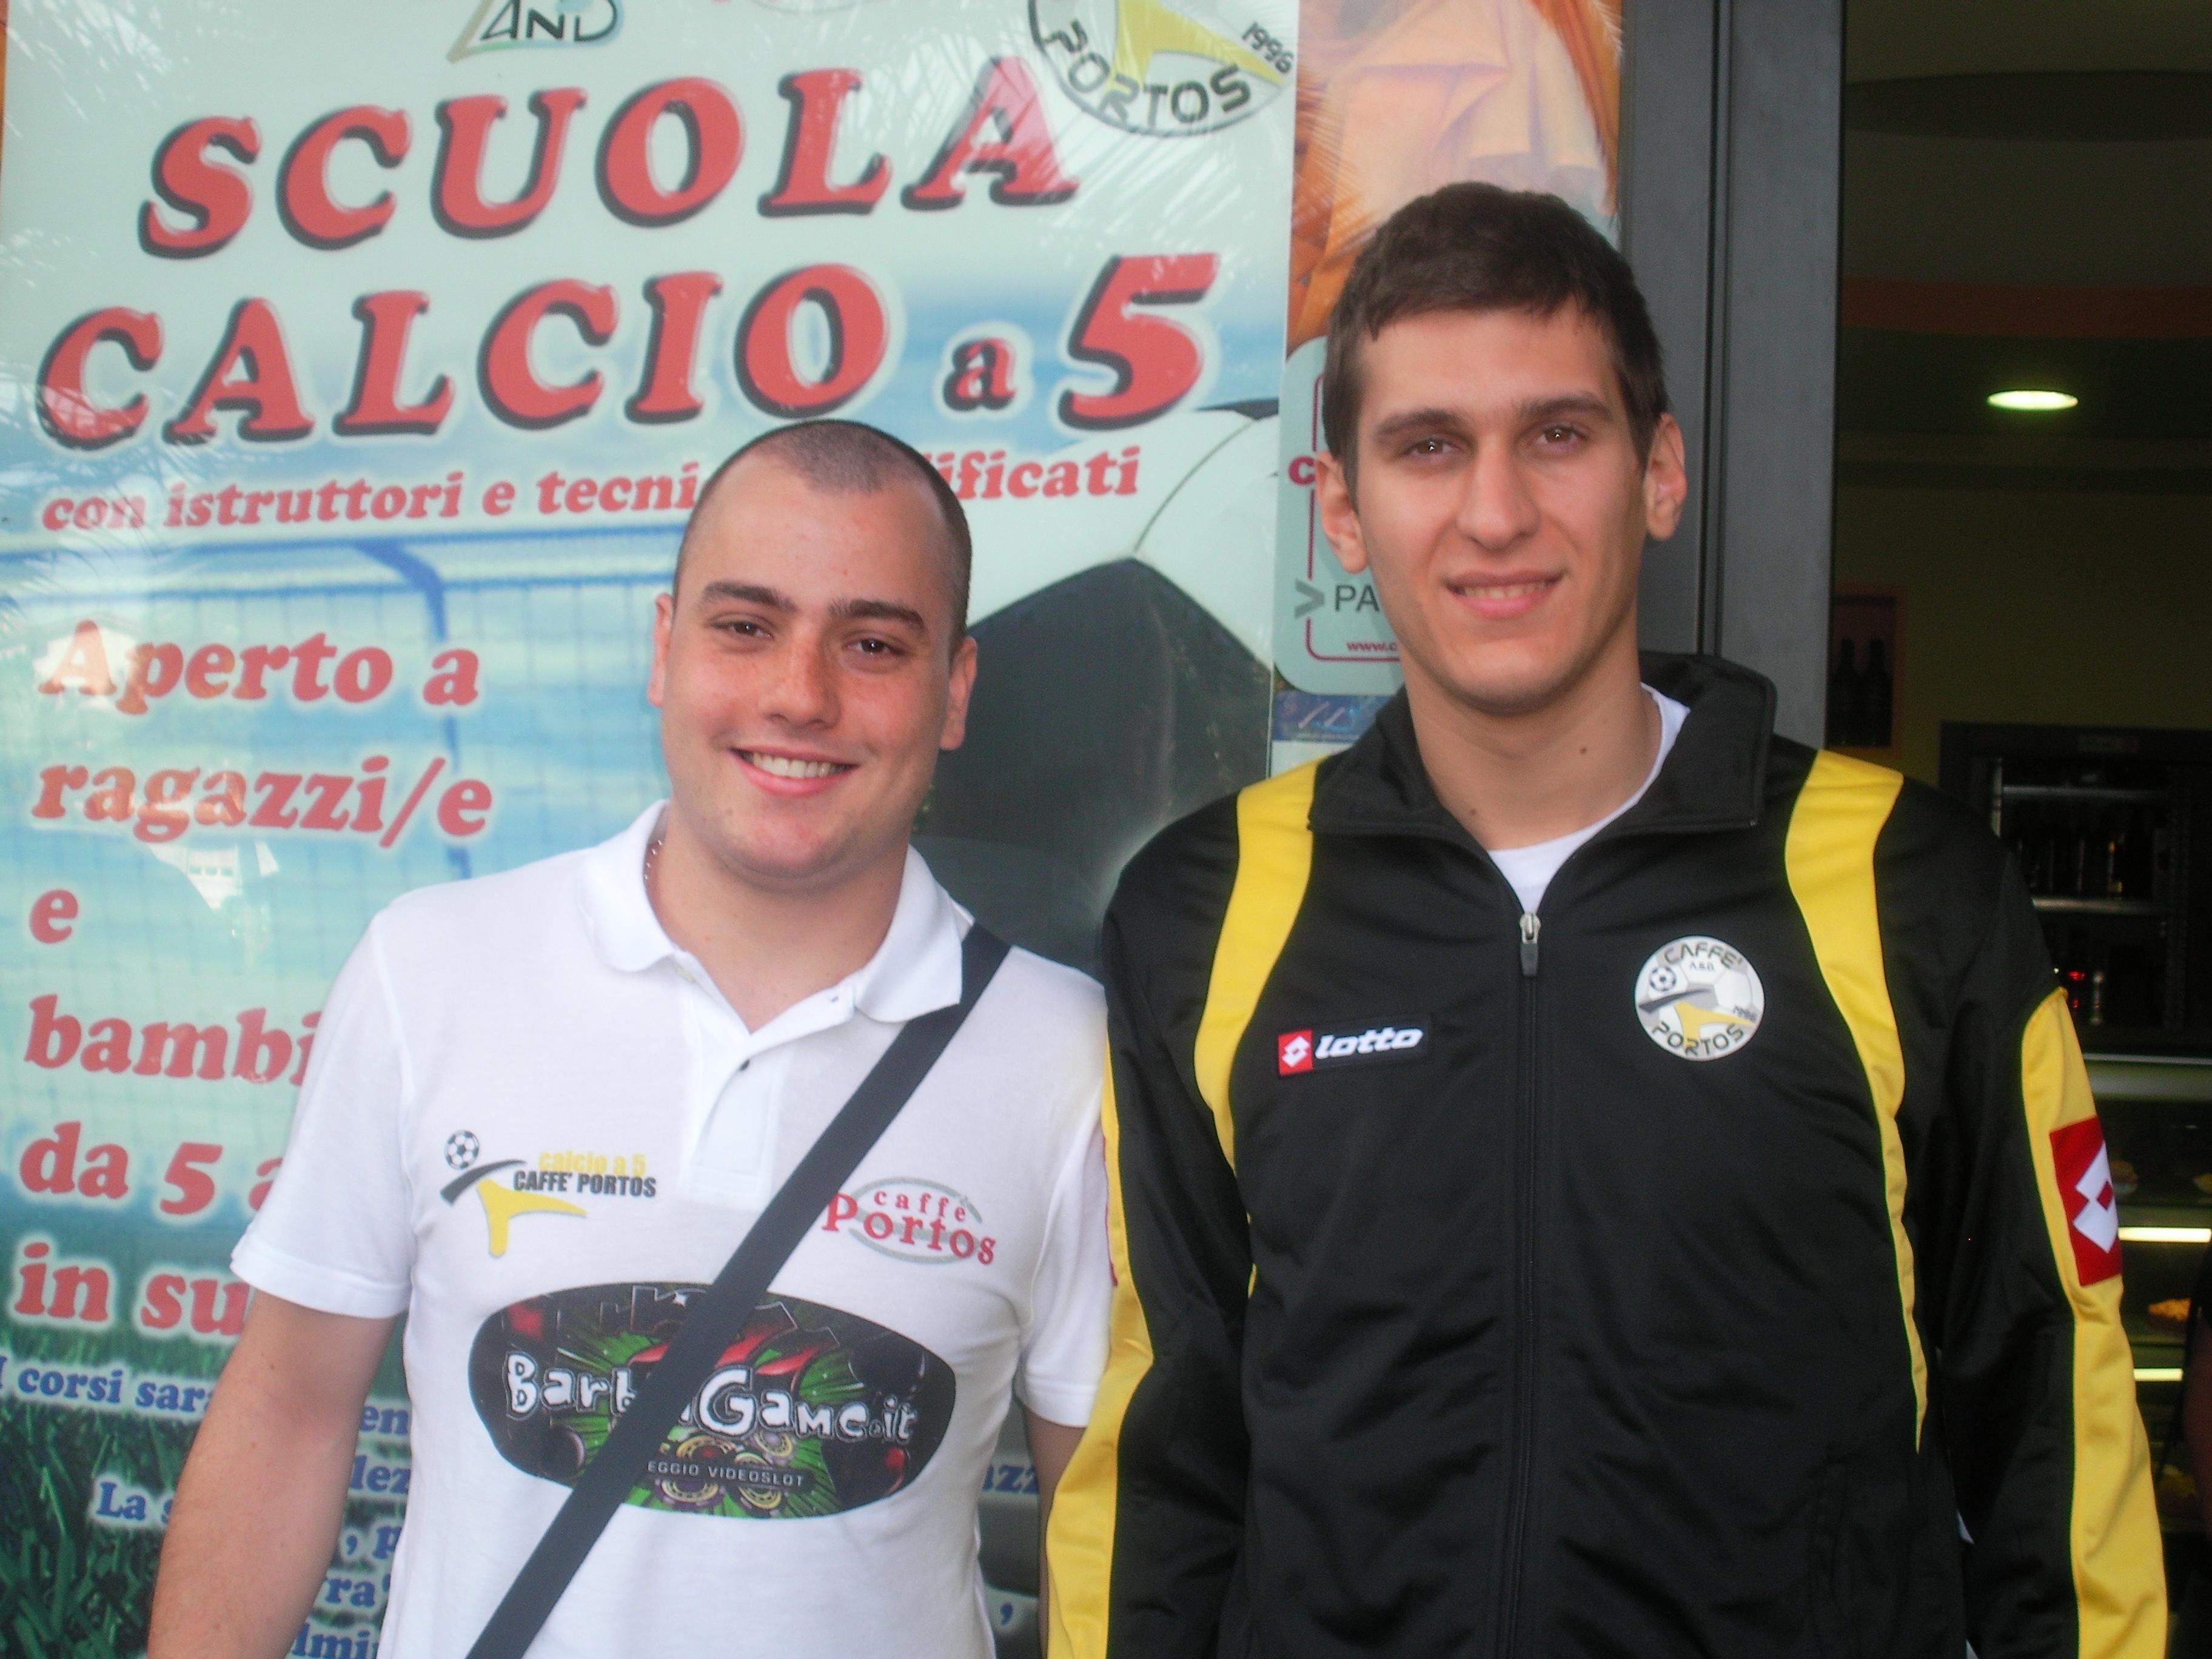 Felipe Freire e Simone Felicetti